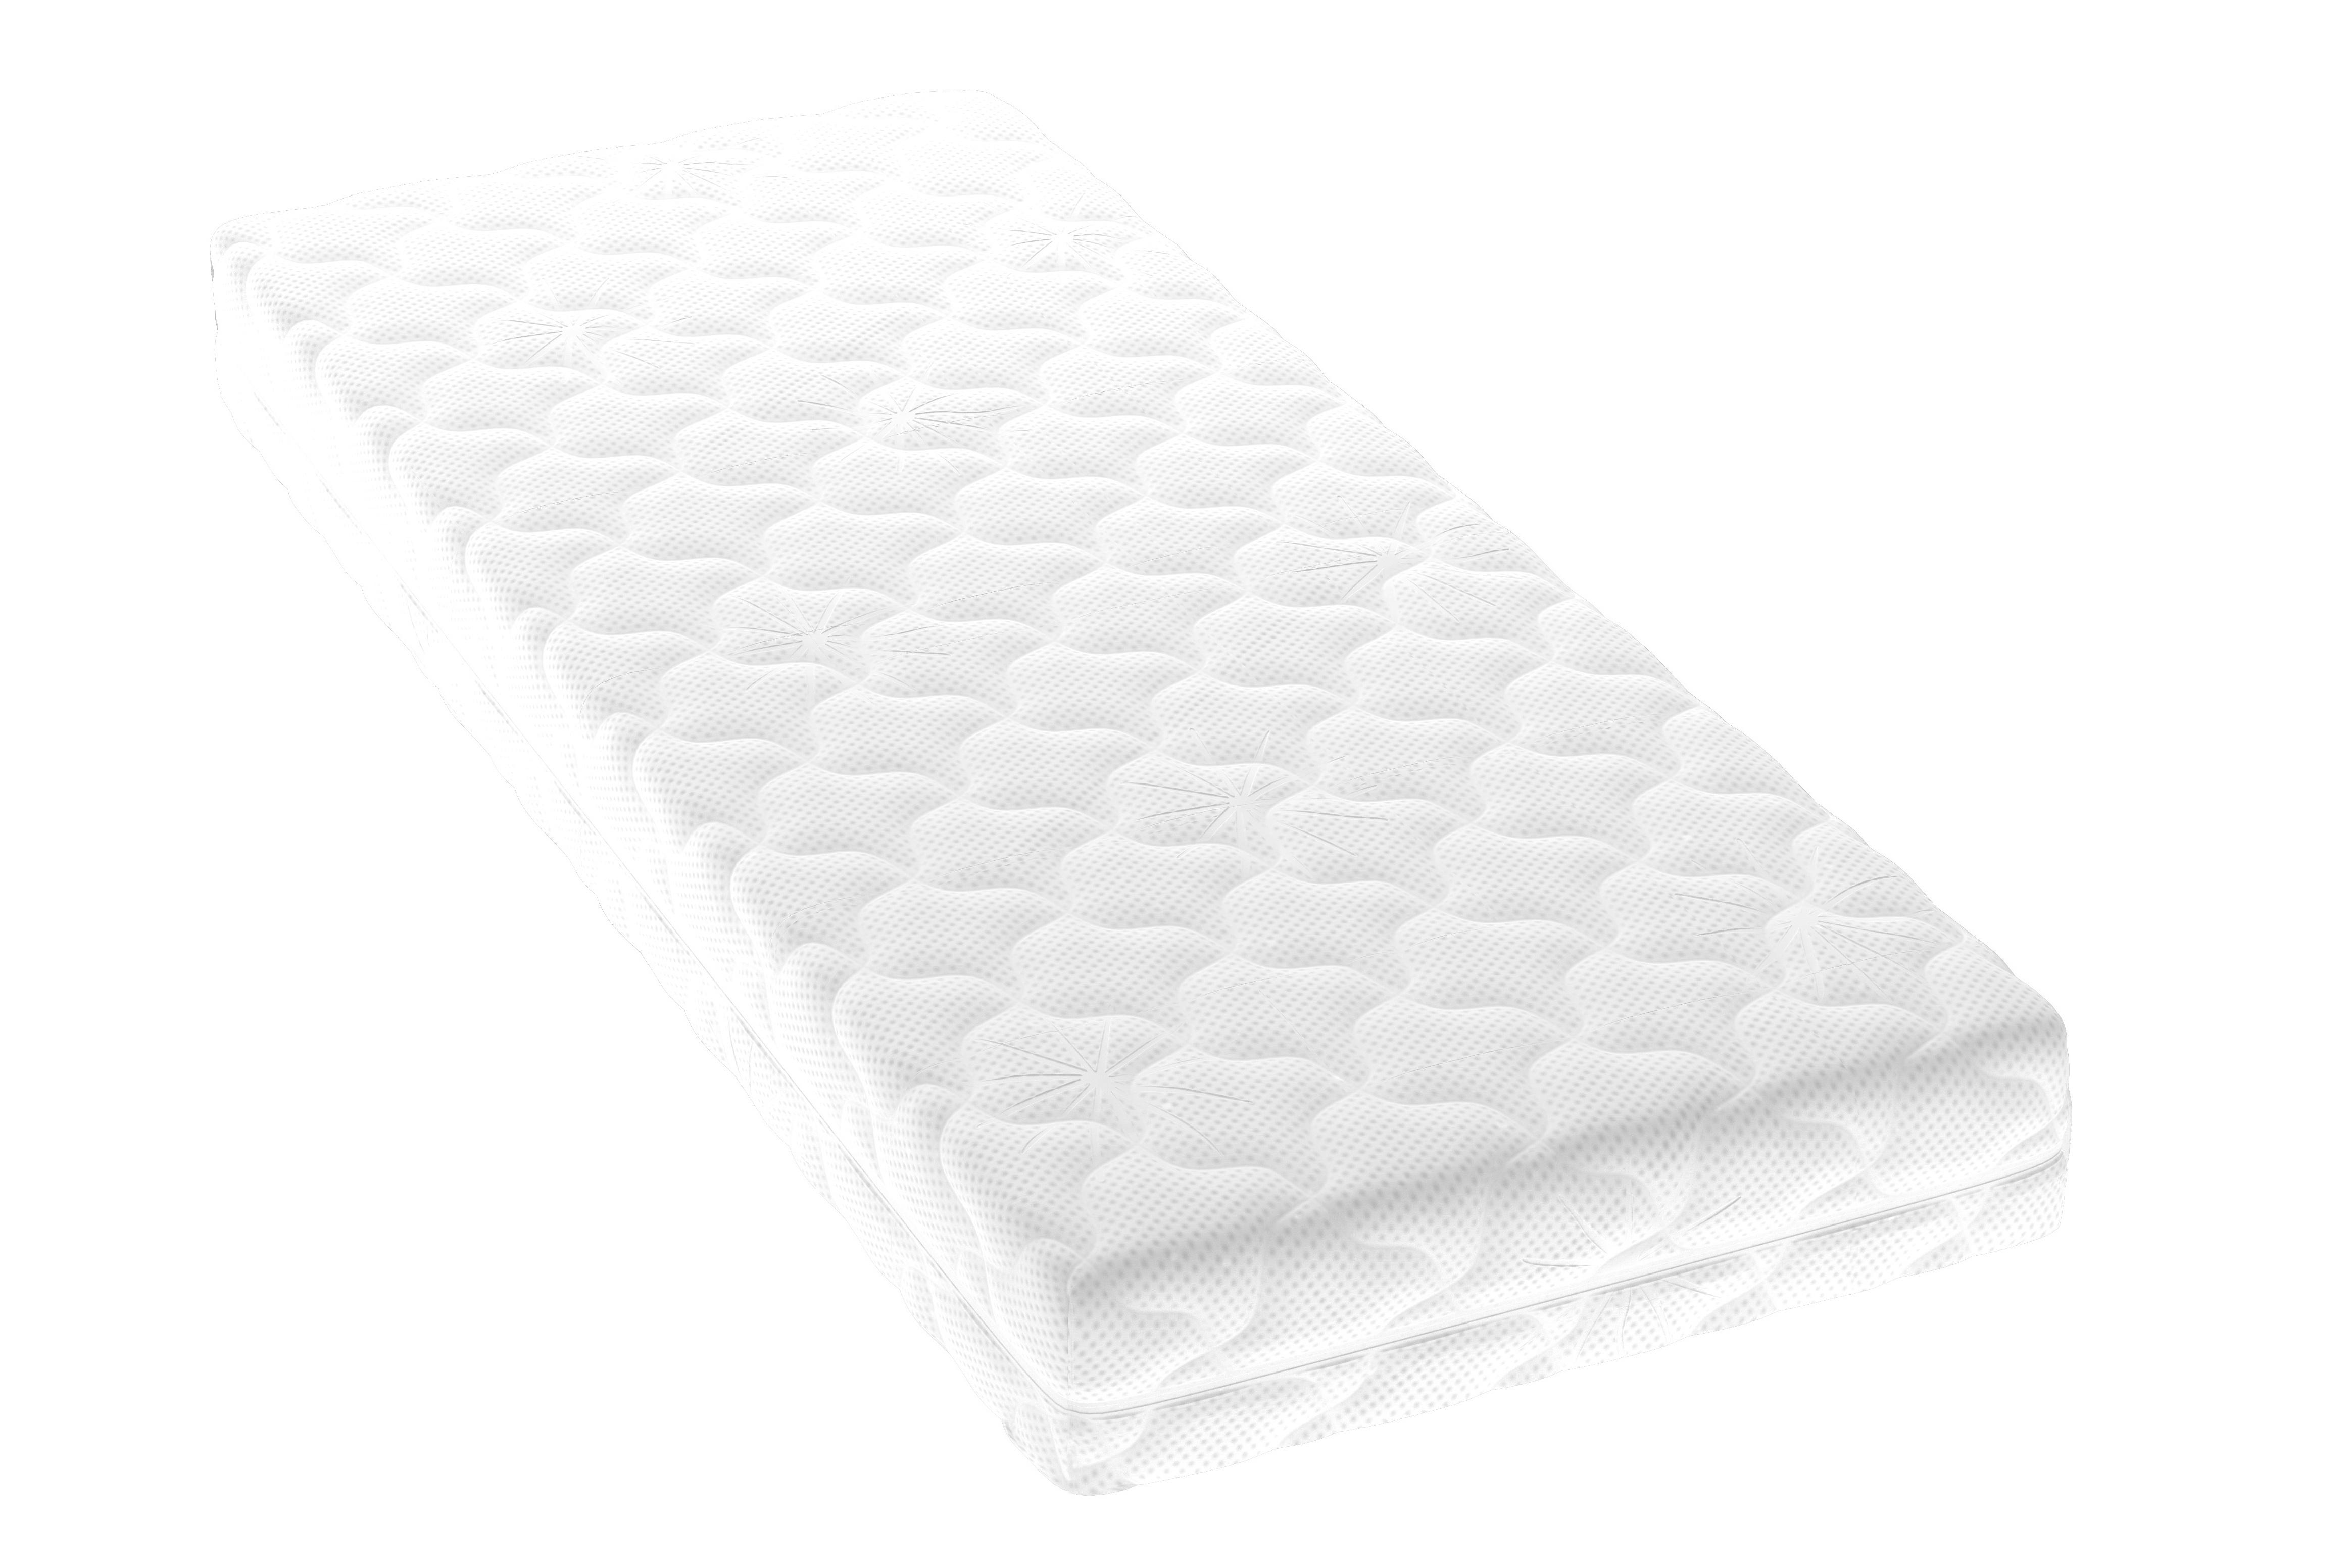 Матрас Tempo 190x140Беспружинные полутороспальные матрасы<br>Матрас из современного эластичного материала Smartflex Soft. Материал мягок и приятен на ощупь, гипоаллергенен, благодаря своей пористой структуре хорошо вентилируется.&amp;amp;nbsp;&amp;lt;div&amp;gt;&amp;lt;br&amp;gt;&amp;lt;/div&amp;gt;&amp;lt;div&amp;gt;Компактная упаковка в виде рулона и небольшой вес облегчают транспортировку матраса, делая его идеальным для быстрого обустройства спального места. Чехол из практичной трикотажной ткани Jersey, делающей его простым в уходе. Ткань чехла мягкая и эластичная на ощупь, имеет приятную фактуру, не сминается, устойчива к пятнам, не способствует размножению бактерий и пылевых клещей.&amp;amp;nbsp;&amp;lt;/div&amp;gt;&amp;lt;div&amp;gt;Матрас Tempo – для тех, кто привык жить в быстром темпе!&amp;lt;/div&amp;gt;<br><br>Material: Текстиль<br>Width см: 140<br>Depth см: 190<br>Height см: 17<br>Diameter см: None